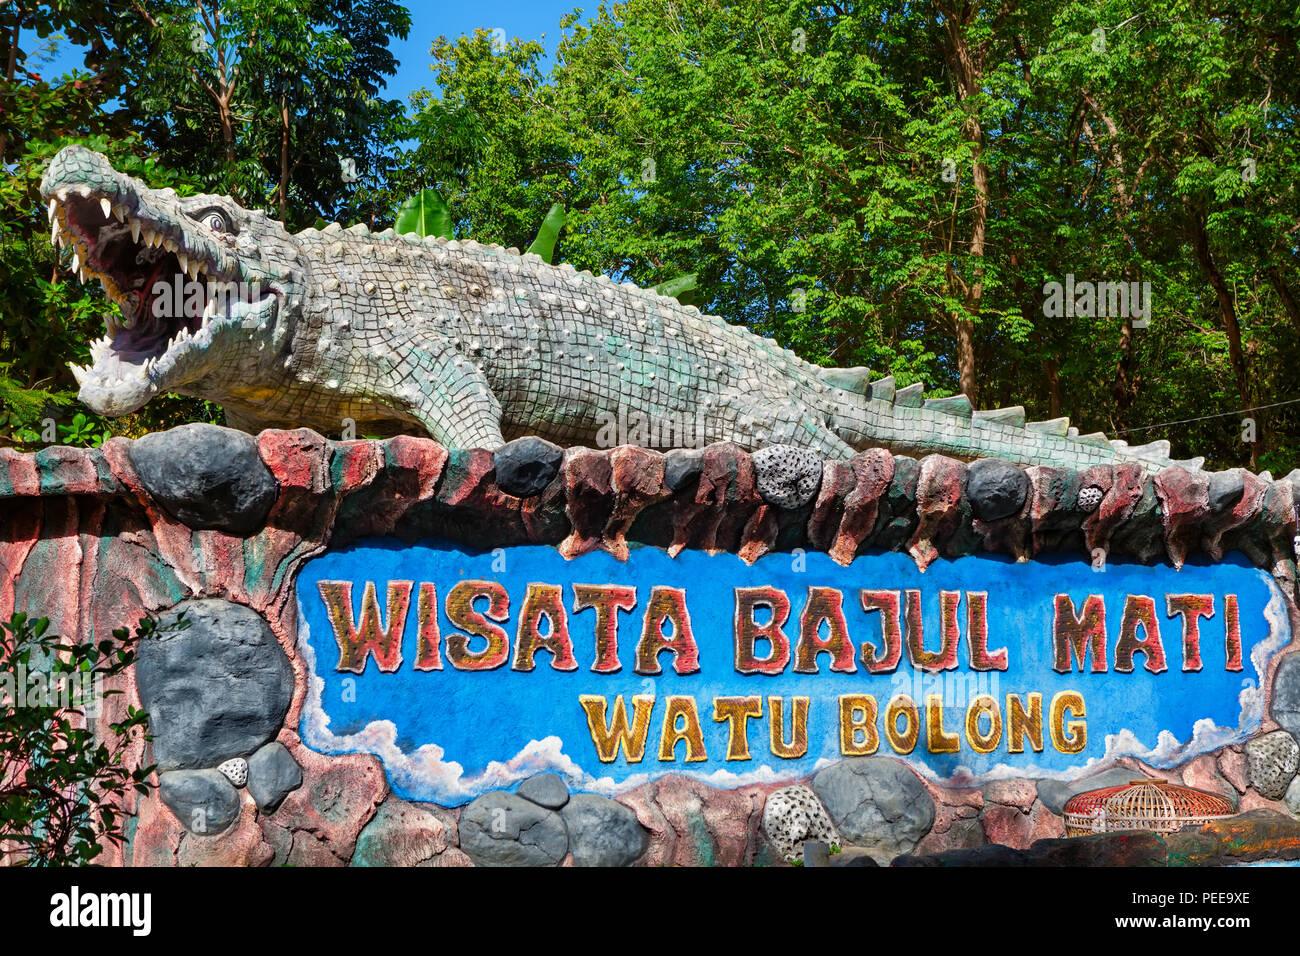 Ost Java, Indonesien - 10. Juli 2018: bajul Mati (totes Krokodil) Meer Strand und Freizeit park Schild beliebter Ort für Familienurlaub zu besuchen Stockbild